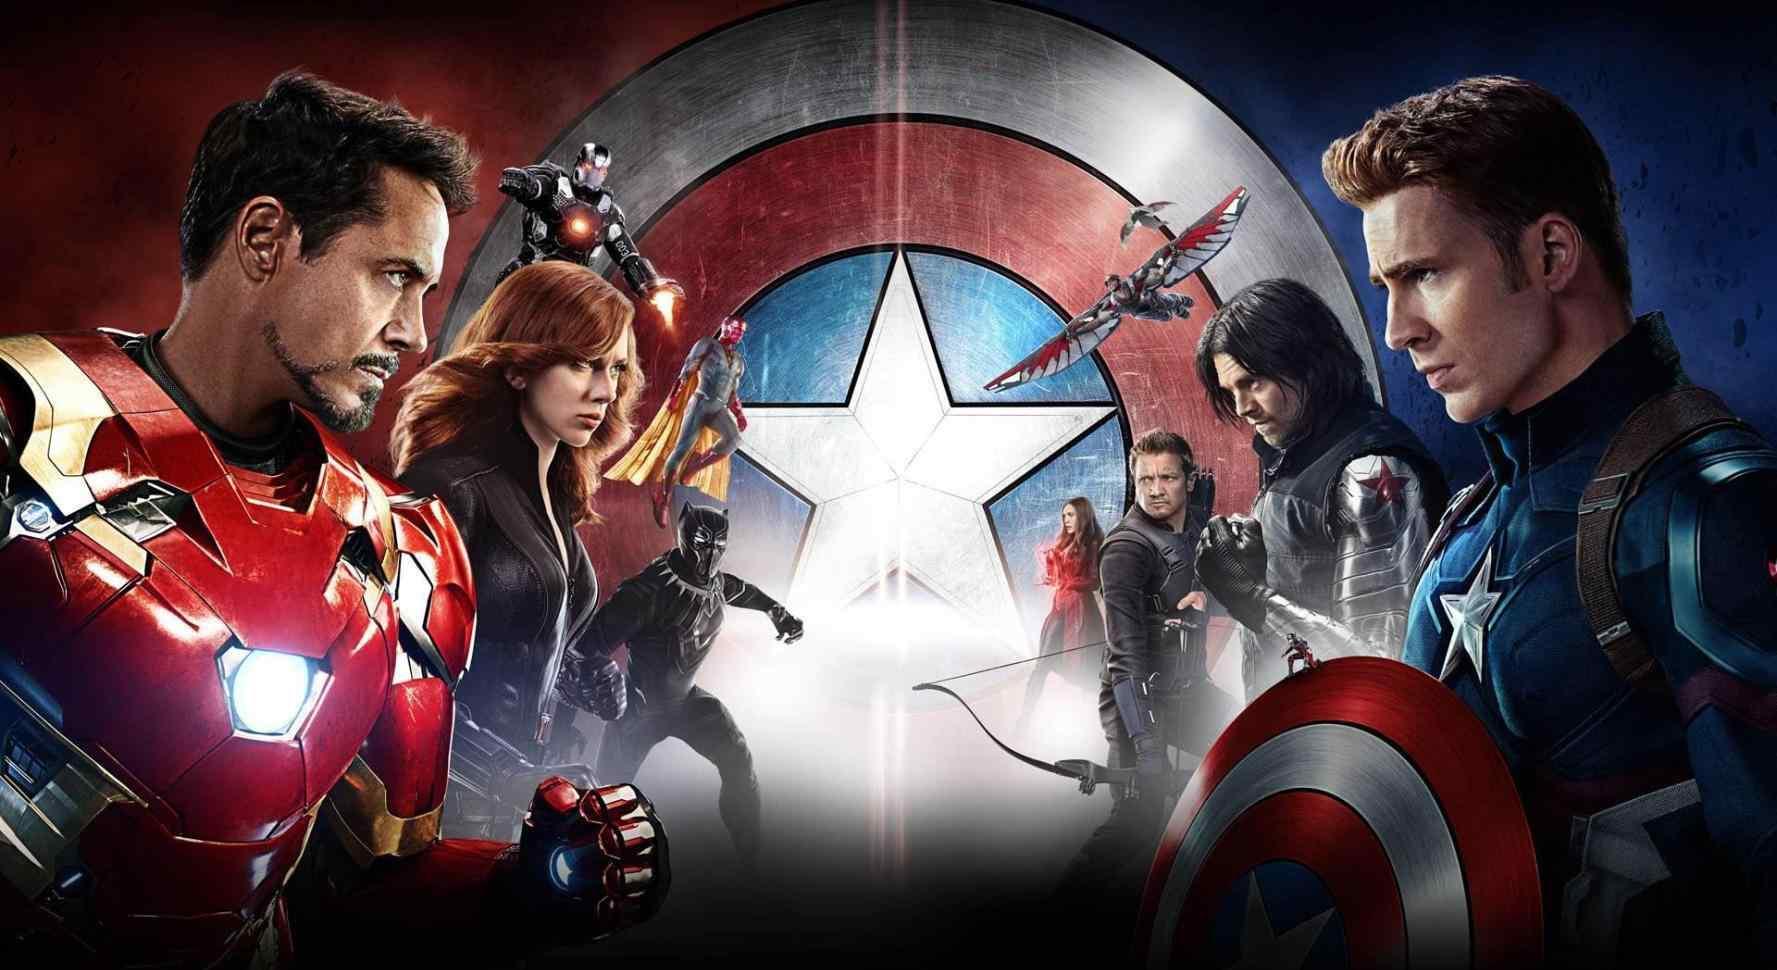 钢铁侠与美国队长 钢铁侠和美国队长谁才是复仇者联盟老大,钢铁侠一句话点明